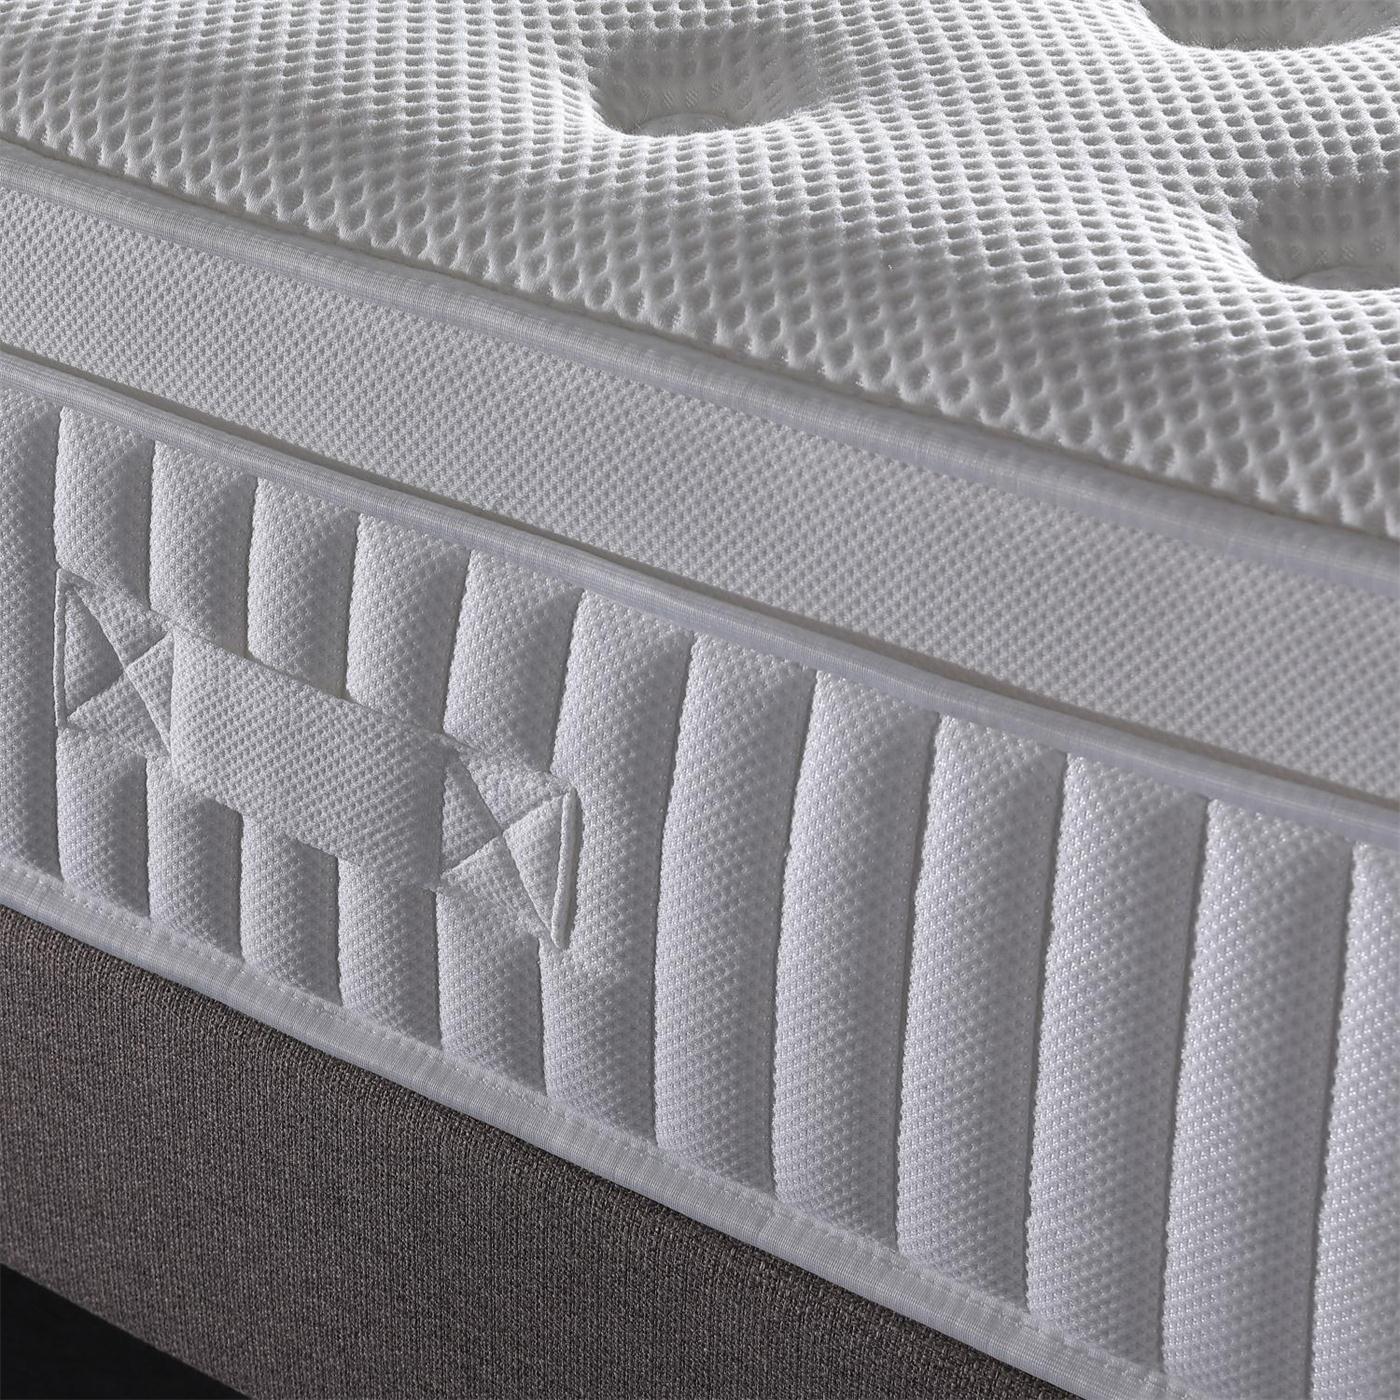 JLH-hotel bed mattress   Hotel Mattress   JLH